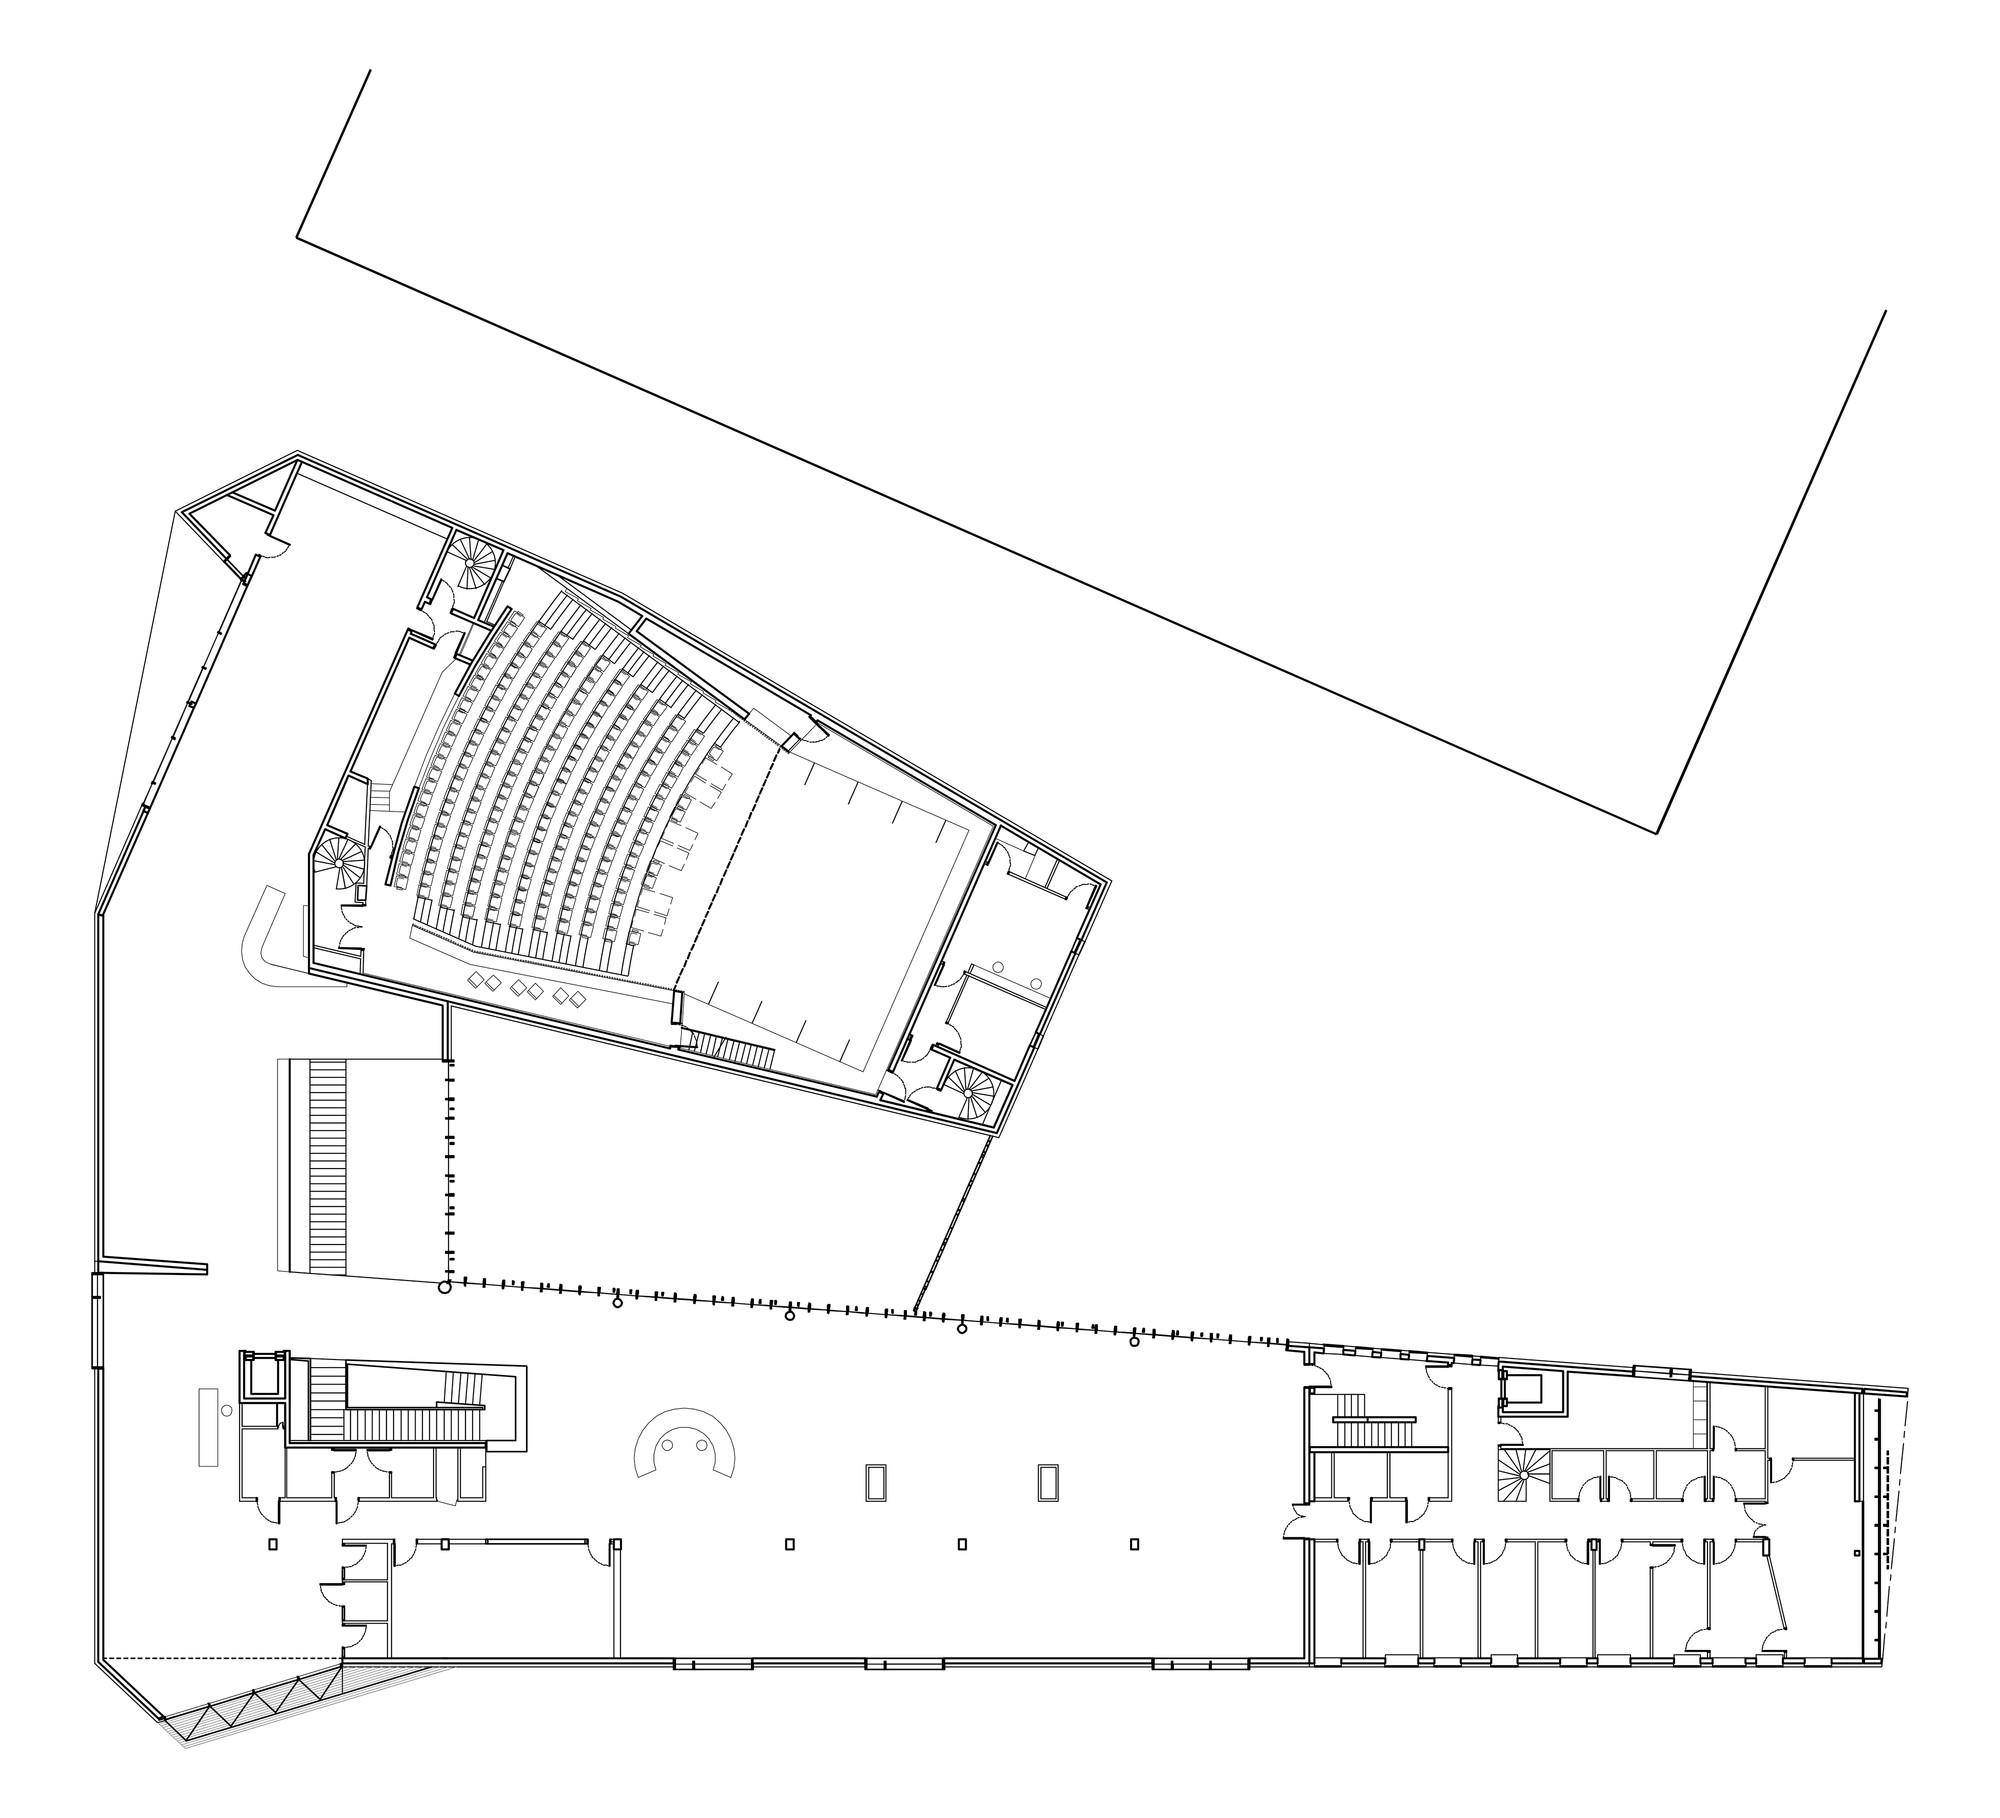 Chelles Multimedia Library Atelier Novembre Architecture